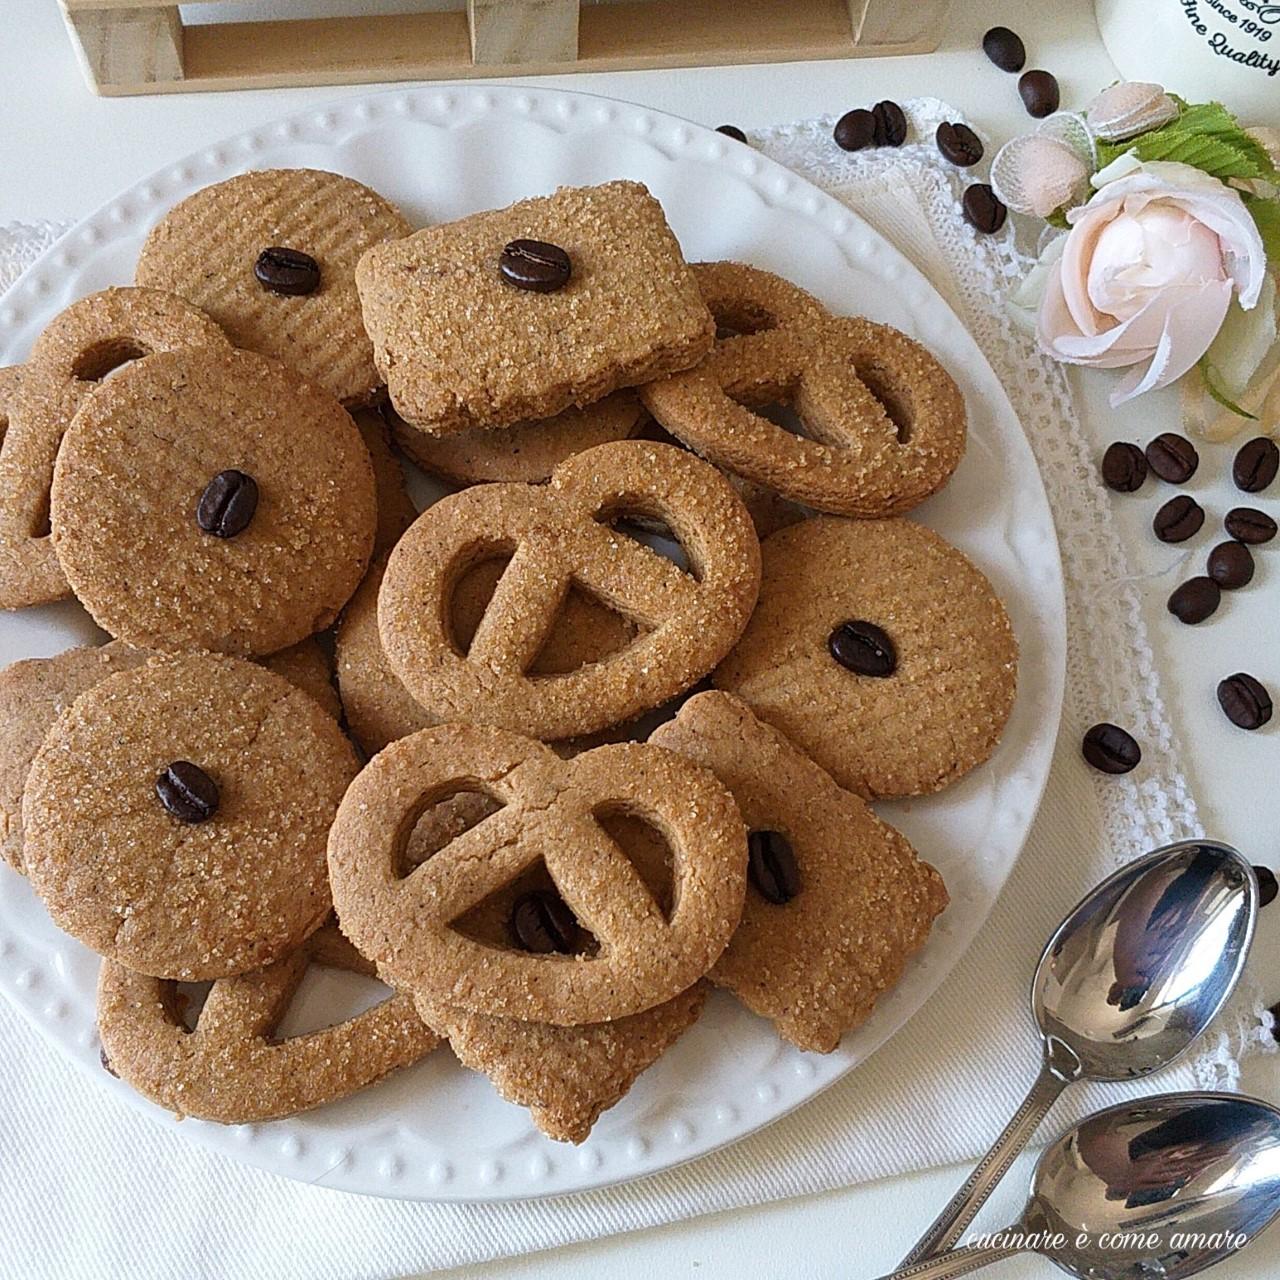 biscotto danese al caffe' ricetta facile